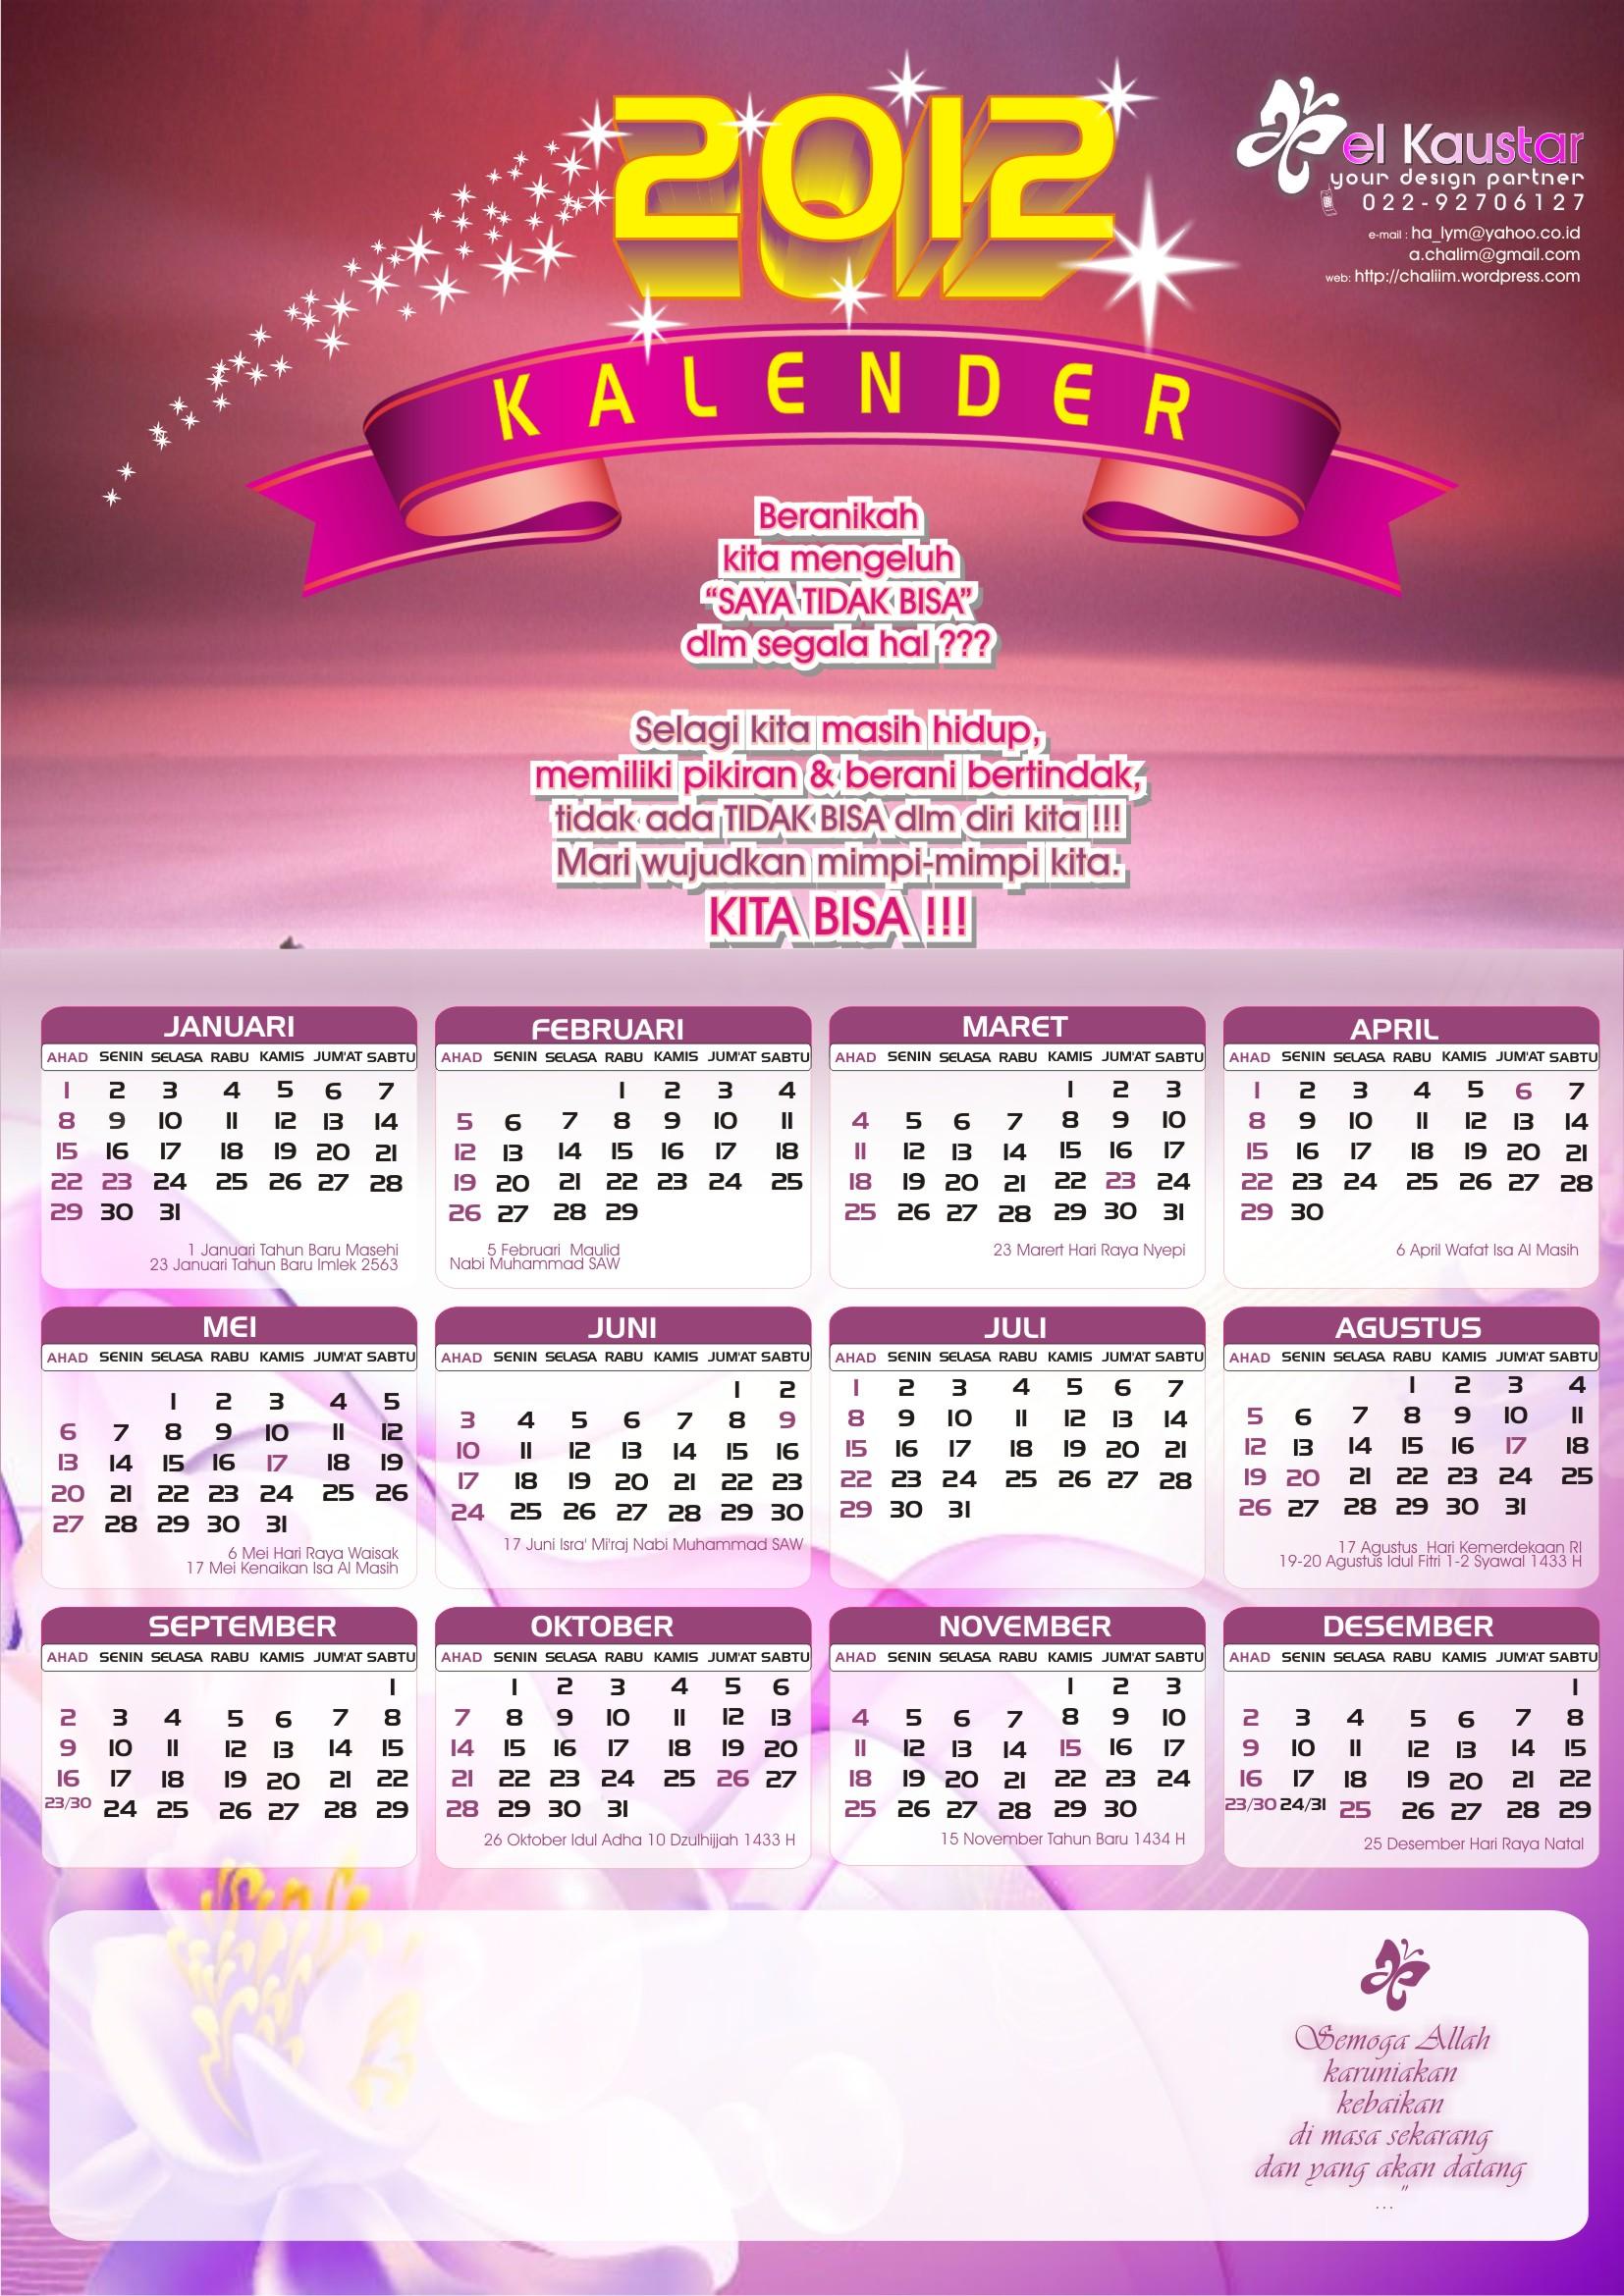 ... lengkap dg hari libur- SKB 3 Menteri – kalender kata-kata motivasi